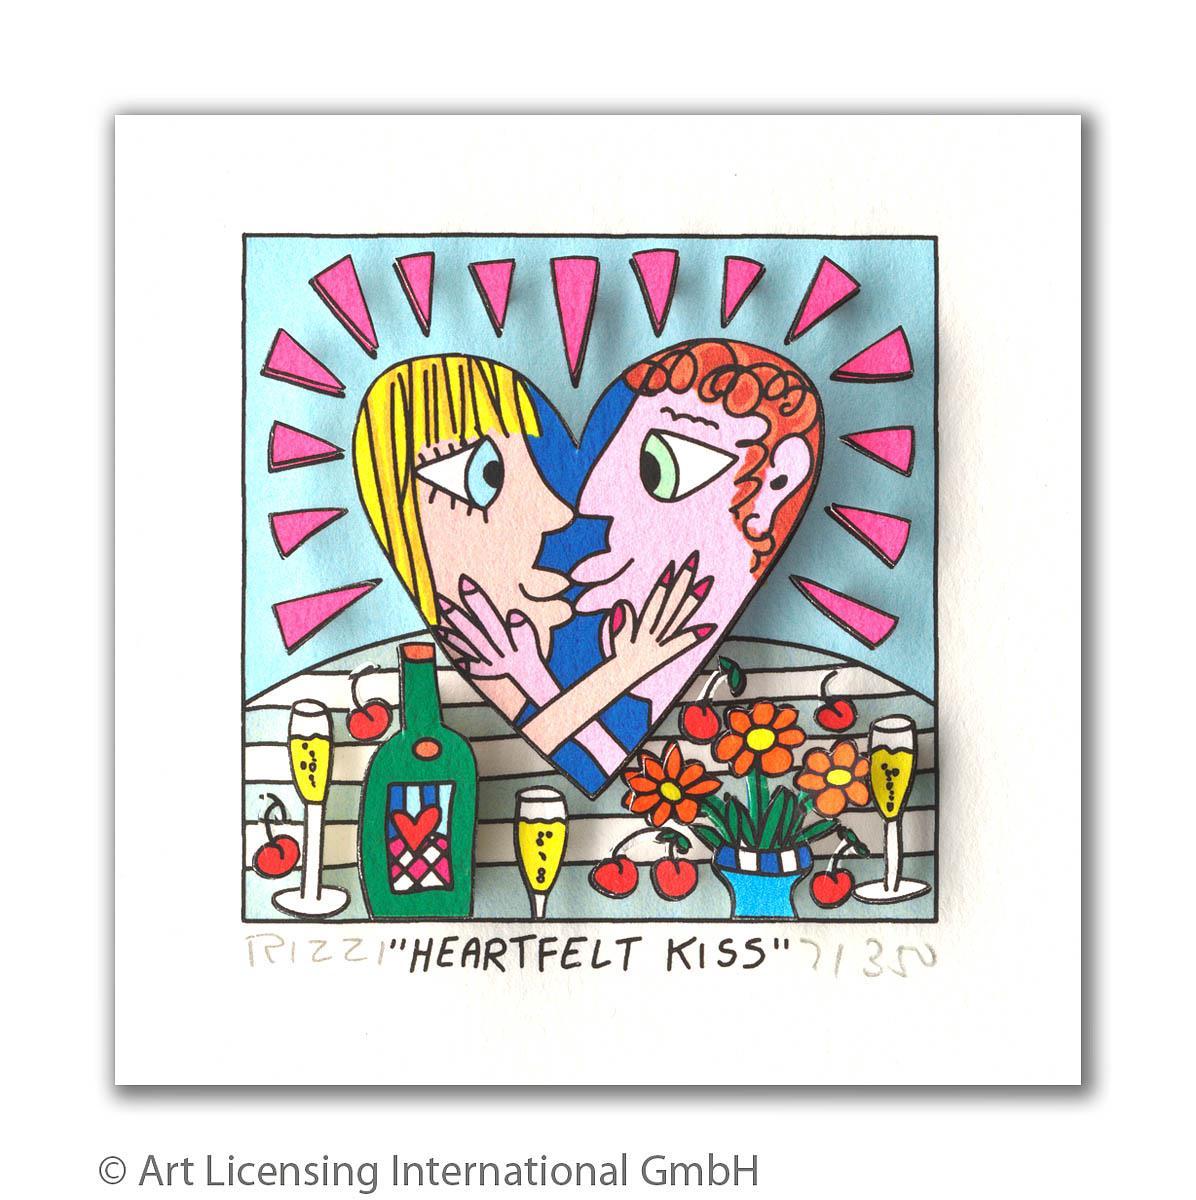 Heartfelt kiss - Rizzi, James - k-2110RIZ4